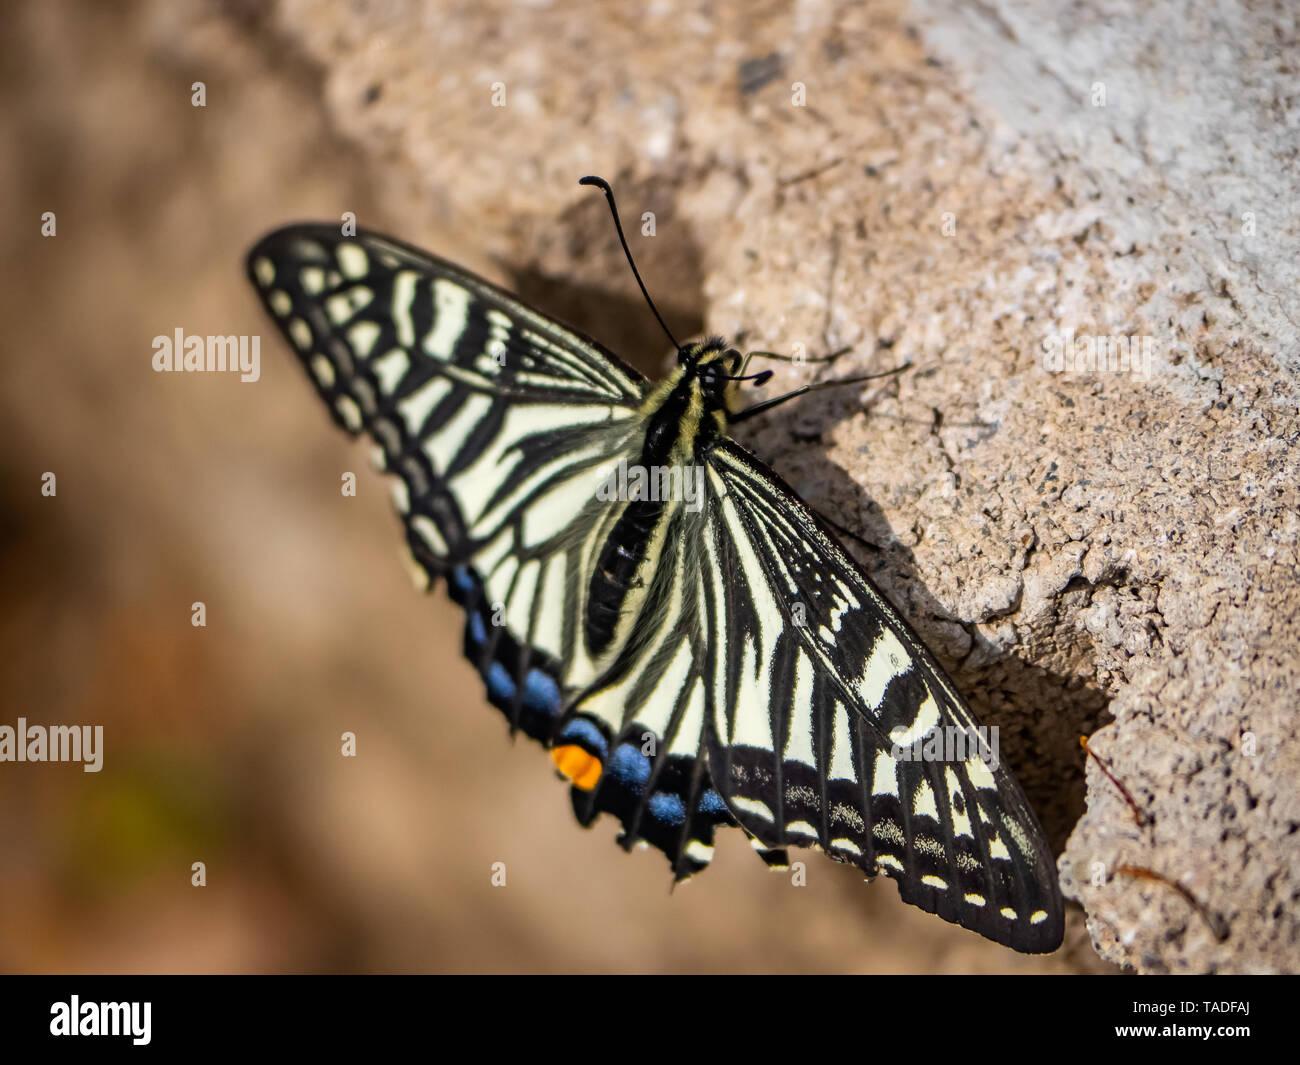 Une asiatique chinois, papillon du machaon papilio xuthus, repose sur le sol entre l'alimentation sur les fleurs. Banque D'Images